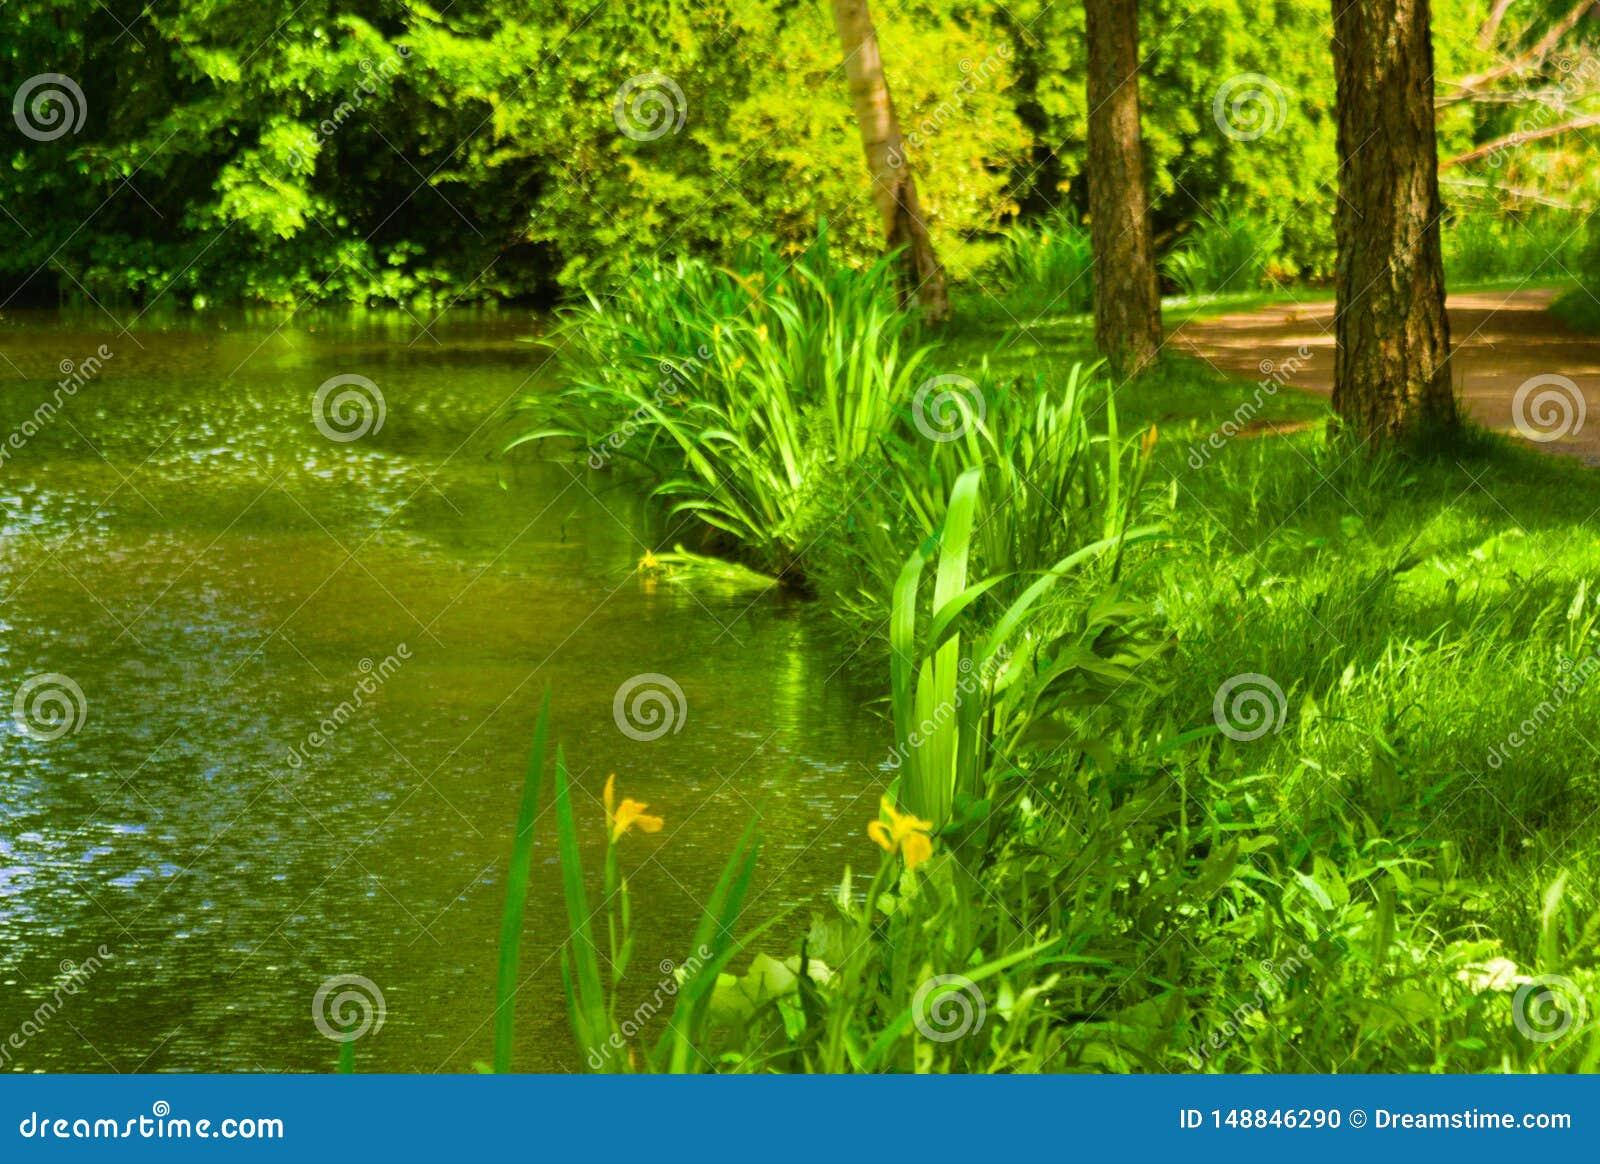 Blomma av gräs i sommaren reflekterad i kanalen